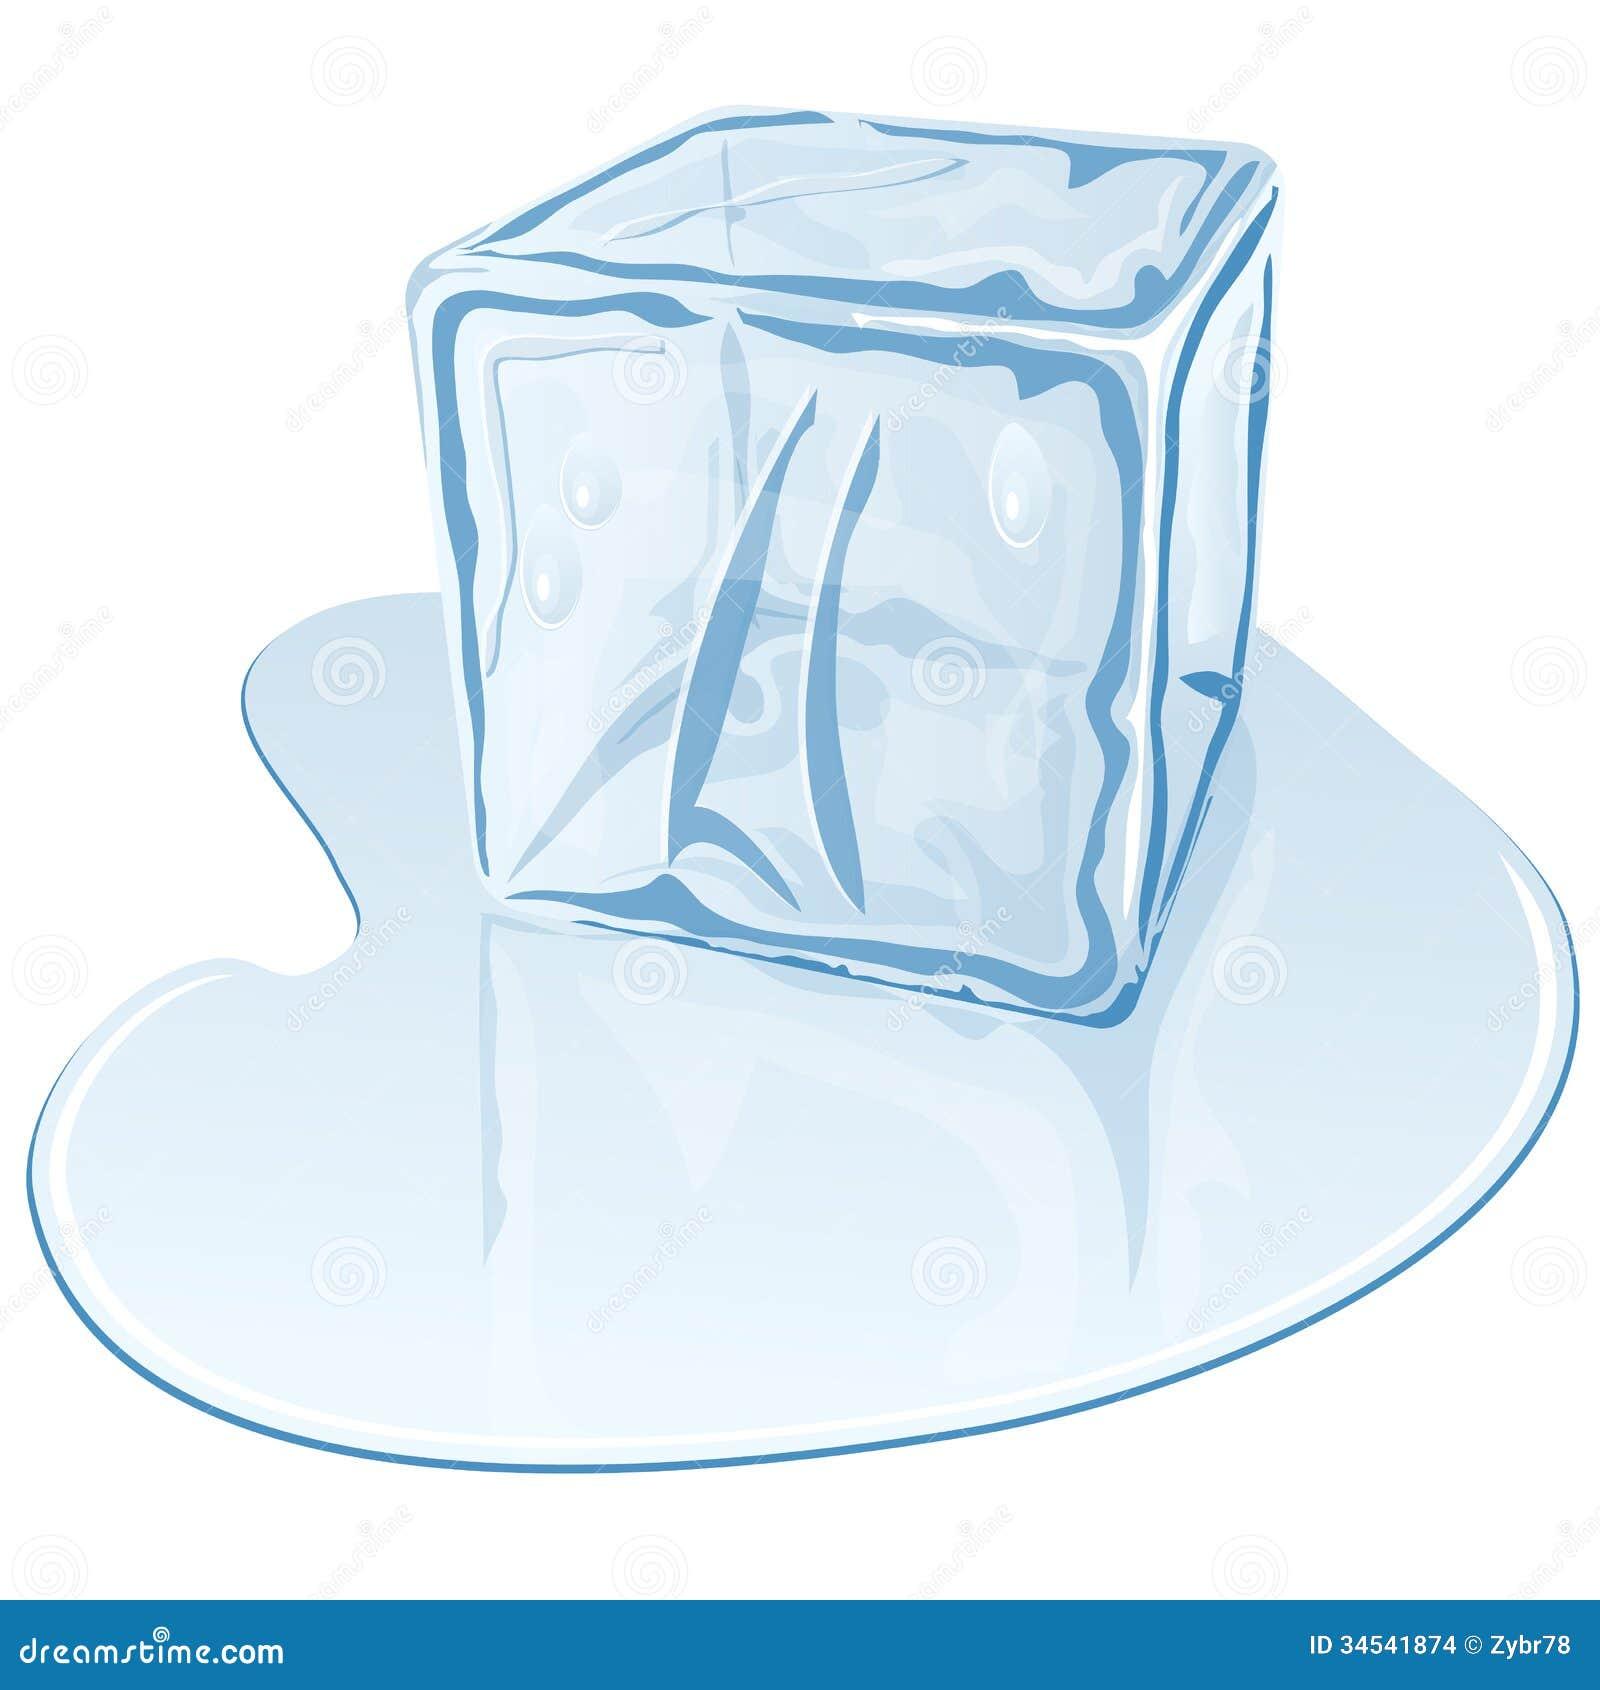 Ice melting clipart single melting ice cube stock illustrations